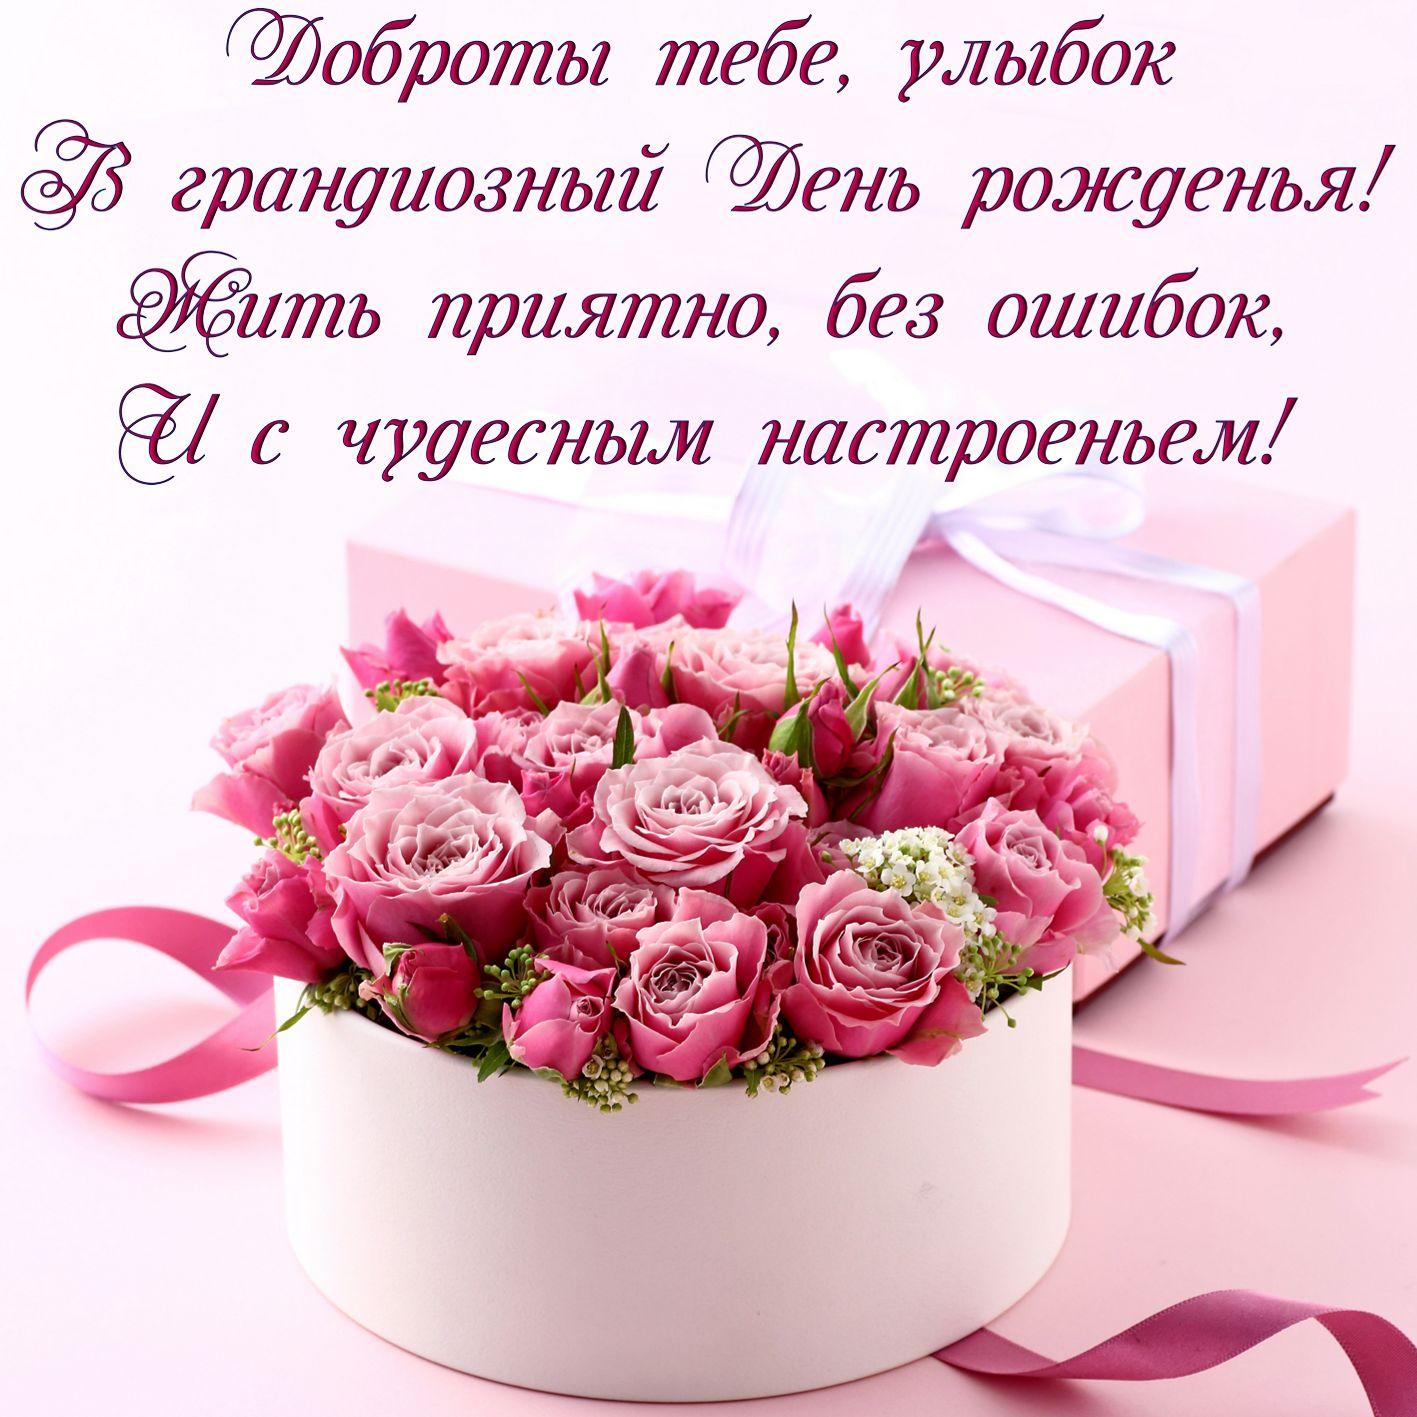 Картинки, розы картинки поздравления с днем рождения женщине